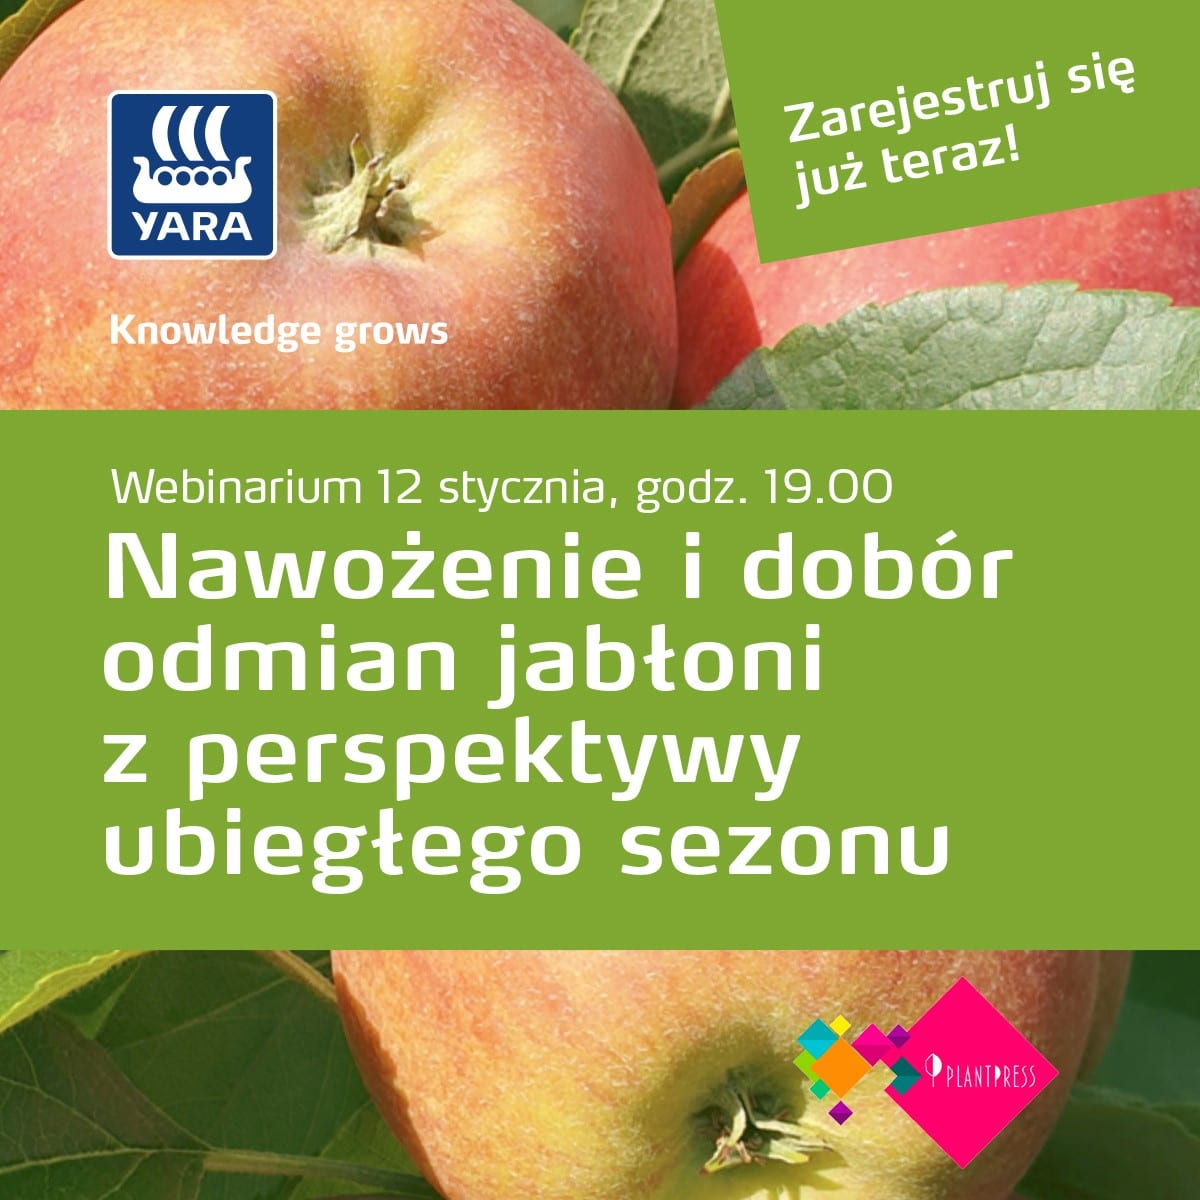 Nawożenie jabłoni 2021 - Yara - Zaproszenie na webinarium